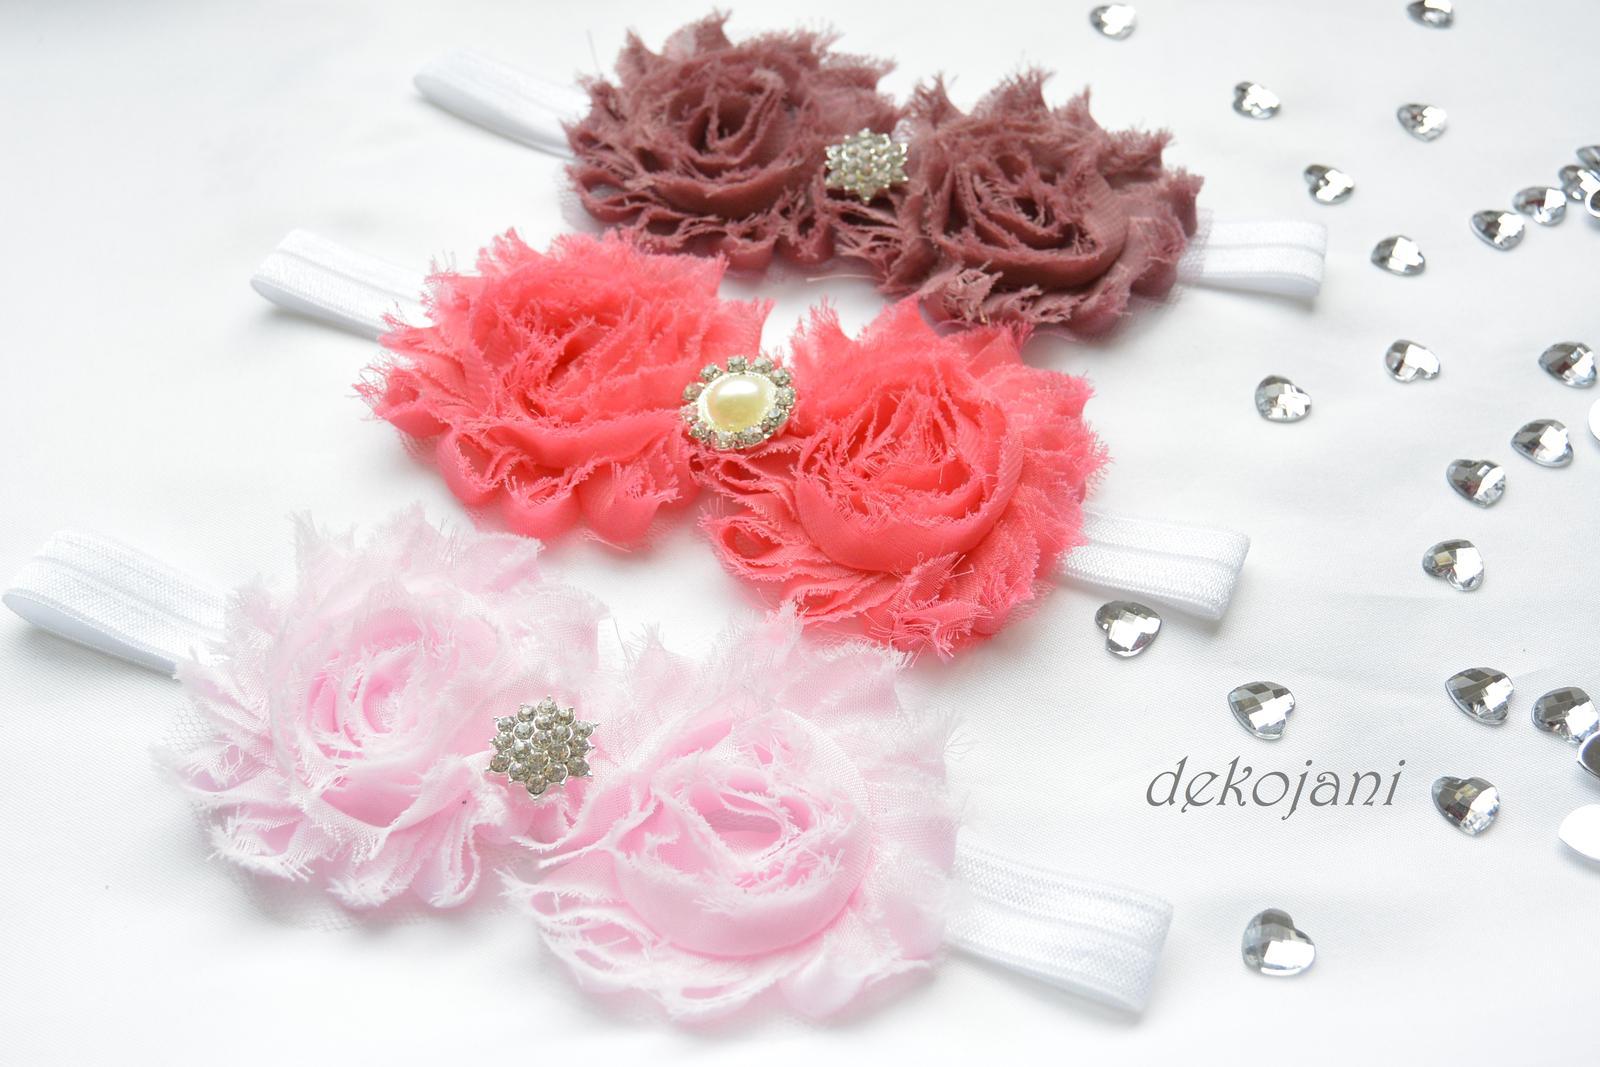 Čelenky, květiny do vlasů, náramky, obojek pro pejska... - Obrázek č. 15